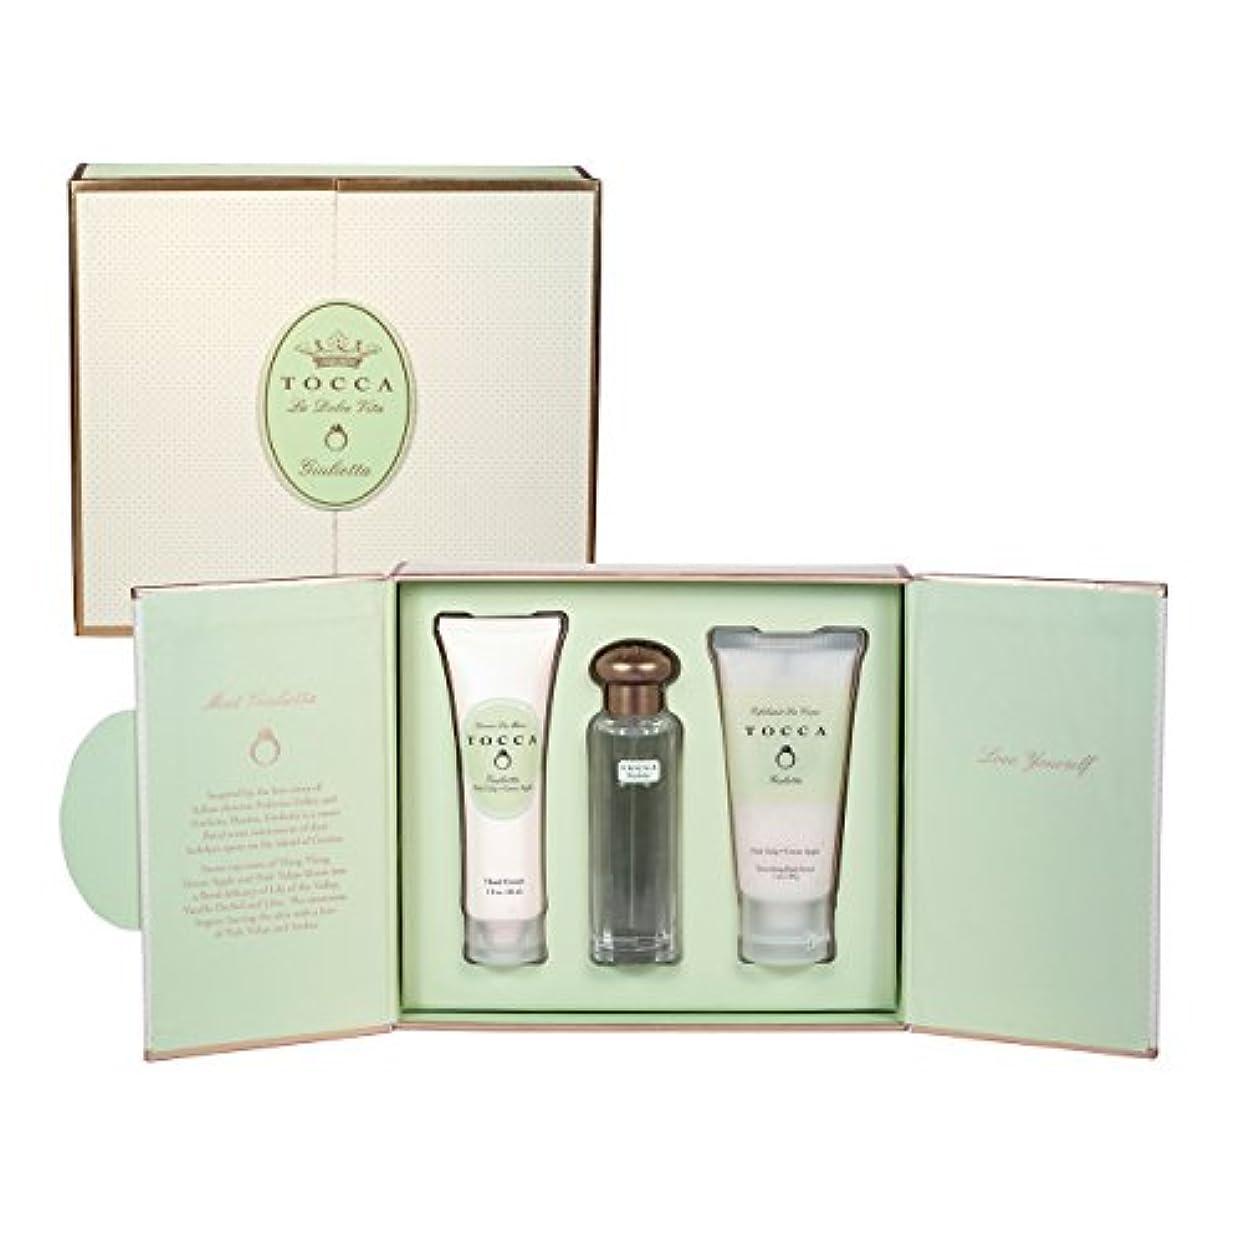 ブレーキレイけん引トッカ(TOCCA) ドルチェヴィータコレクション ジュリエッタの香り (香水20ml、ハンドクリーム30ml、ボディーケアスクラブ30ml)